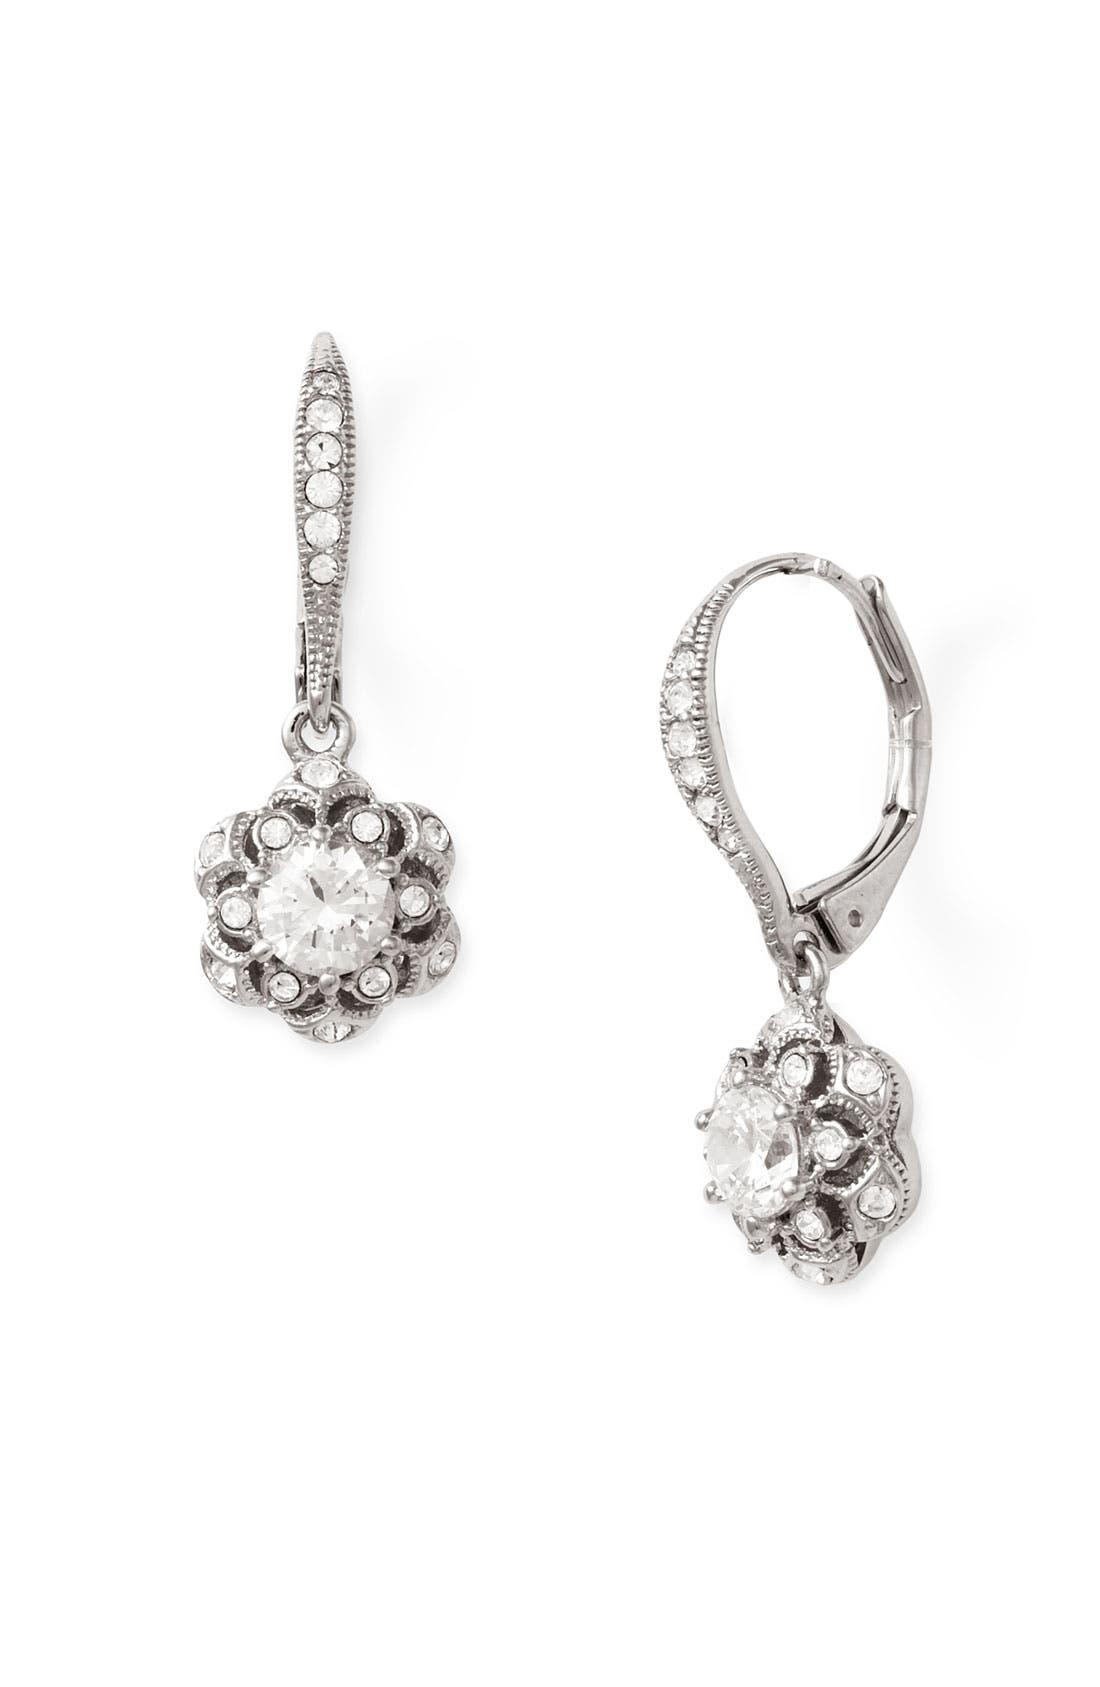 Main Image - Nadri 'Vintage Star' Drop Earrings